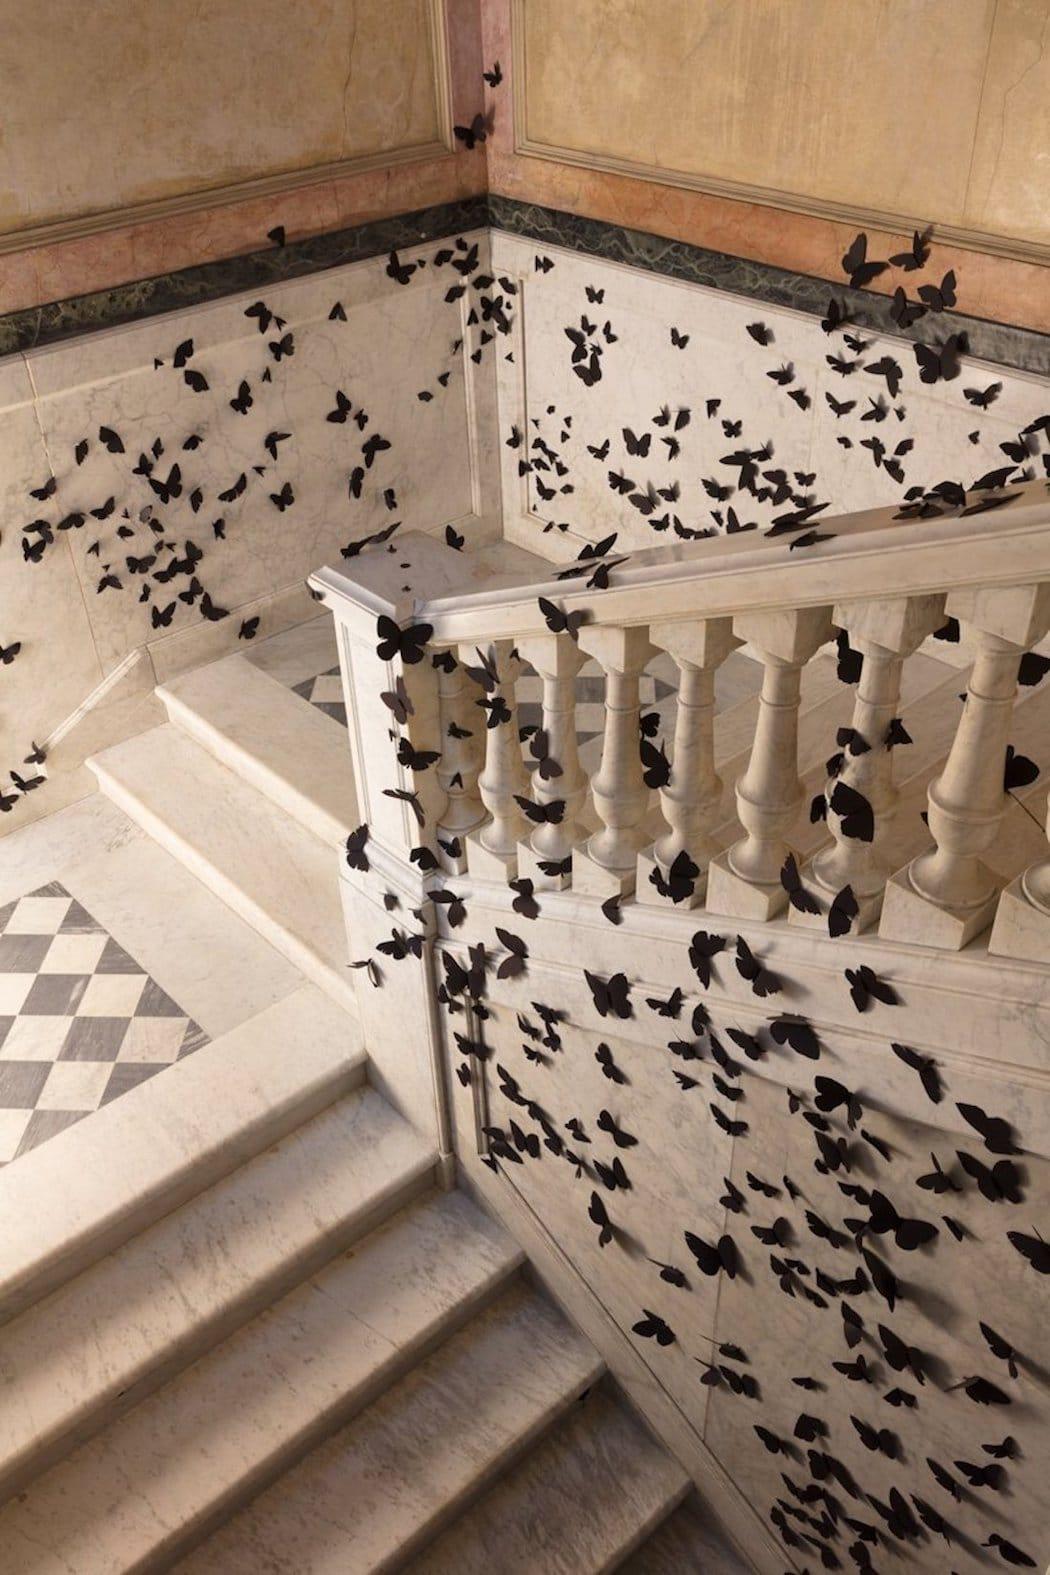 Instalación de mariposas de papel